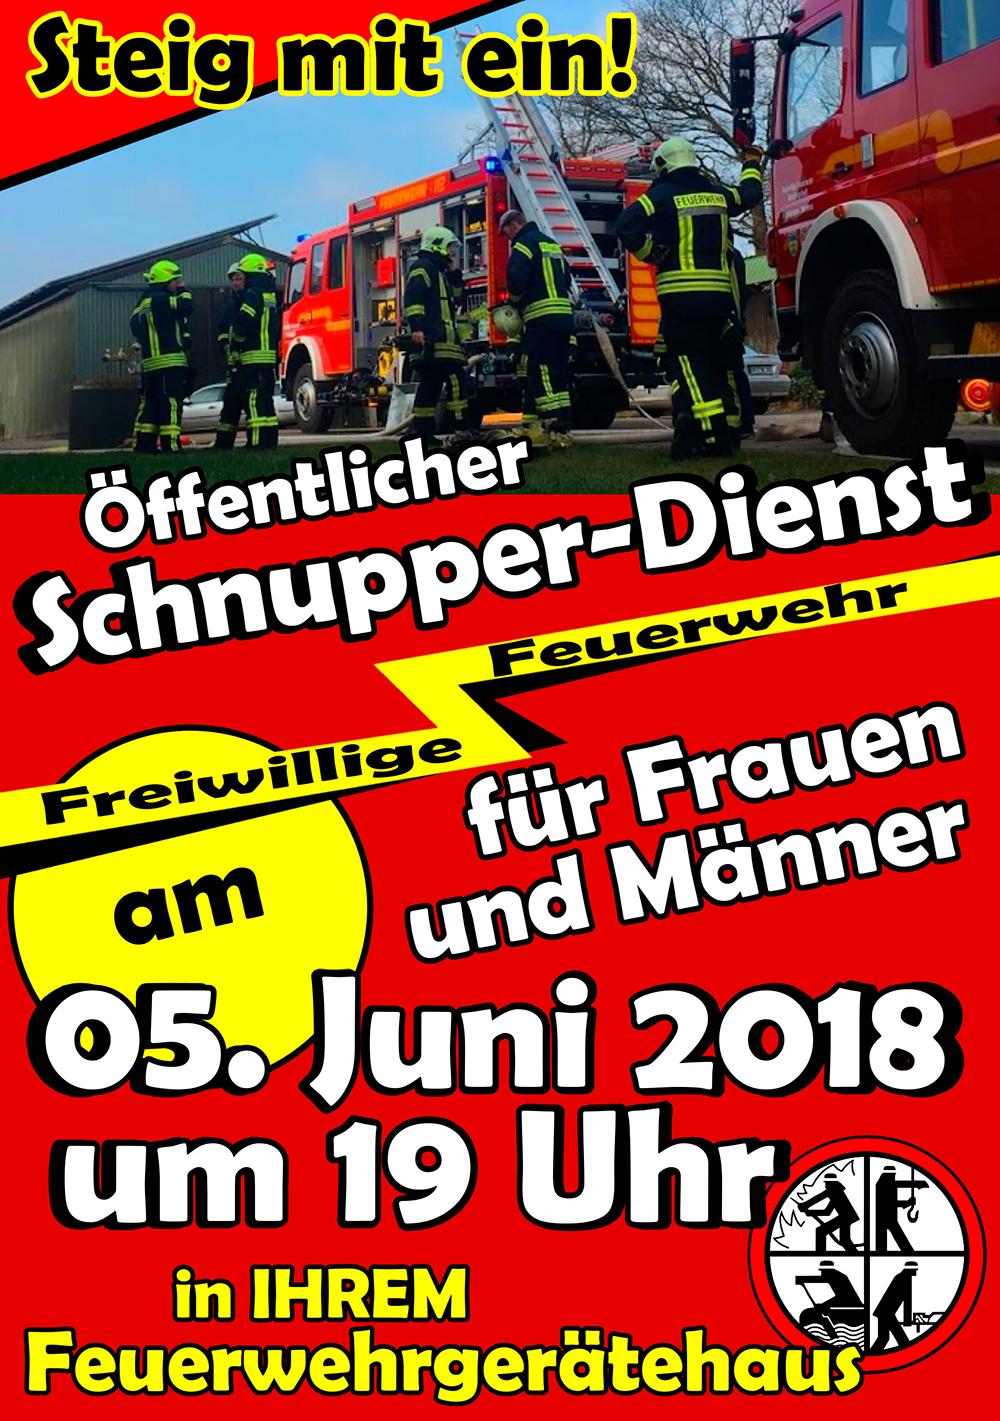 schnupper-dienst-flyer-entwurf-blanko